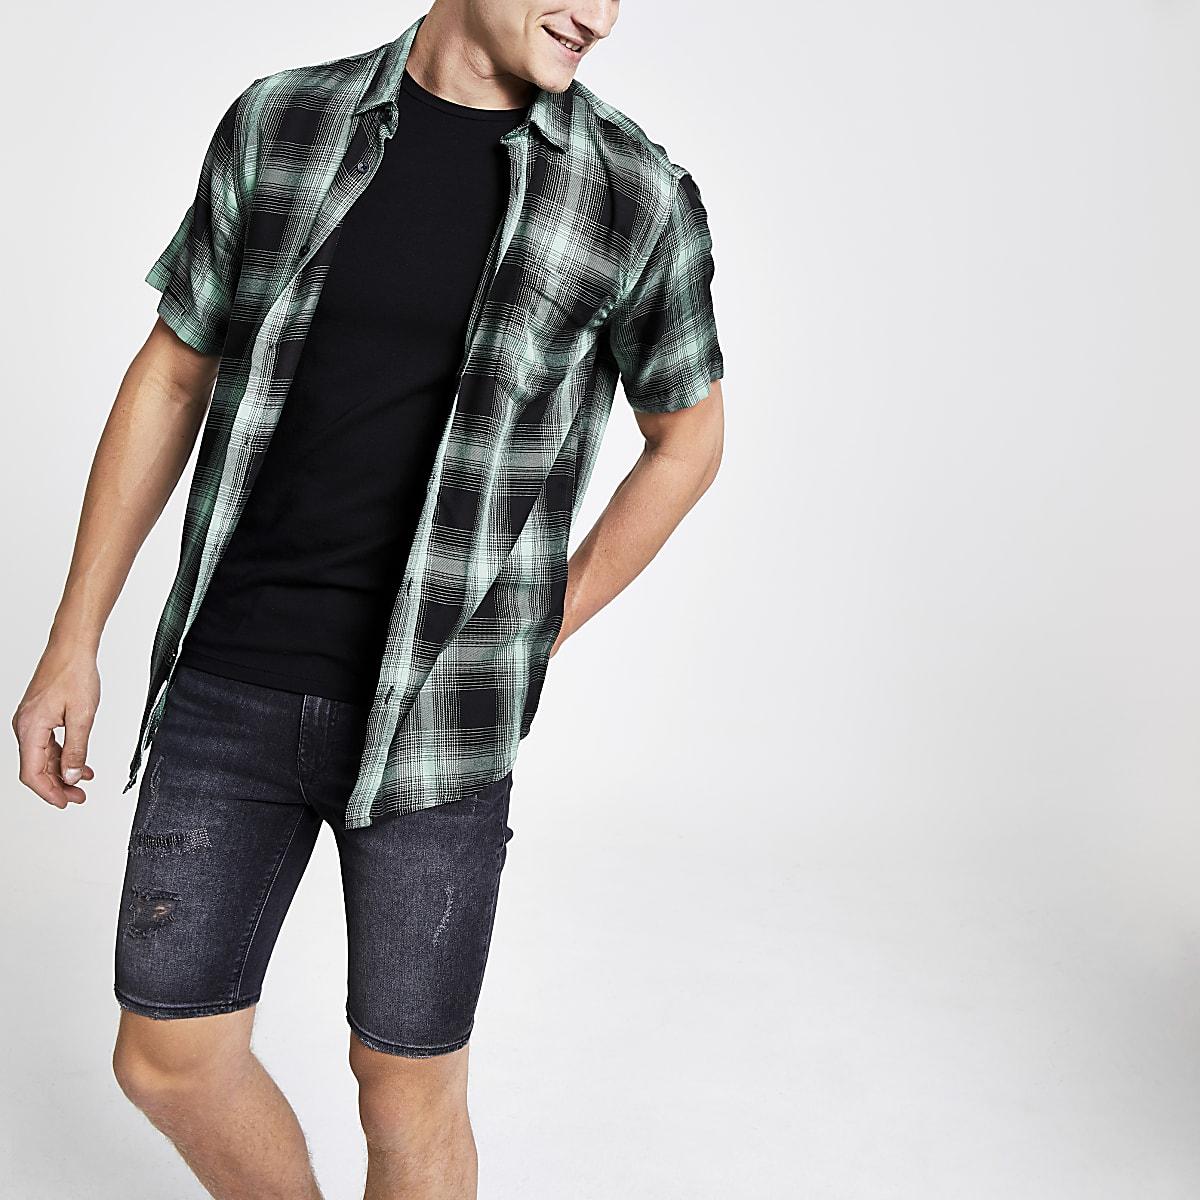 Groen Geruit Overhemd.Only Sons Groen Geruit Overhemd Met Korte Mouwen Overhemden